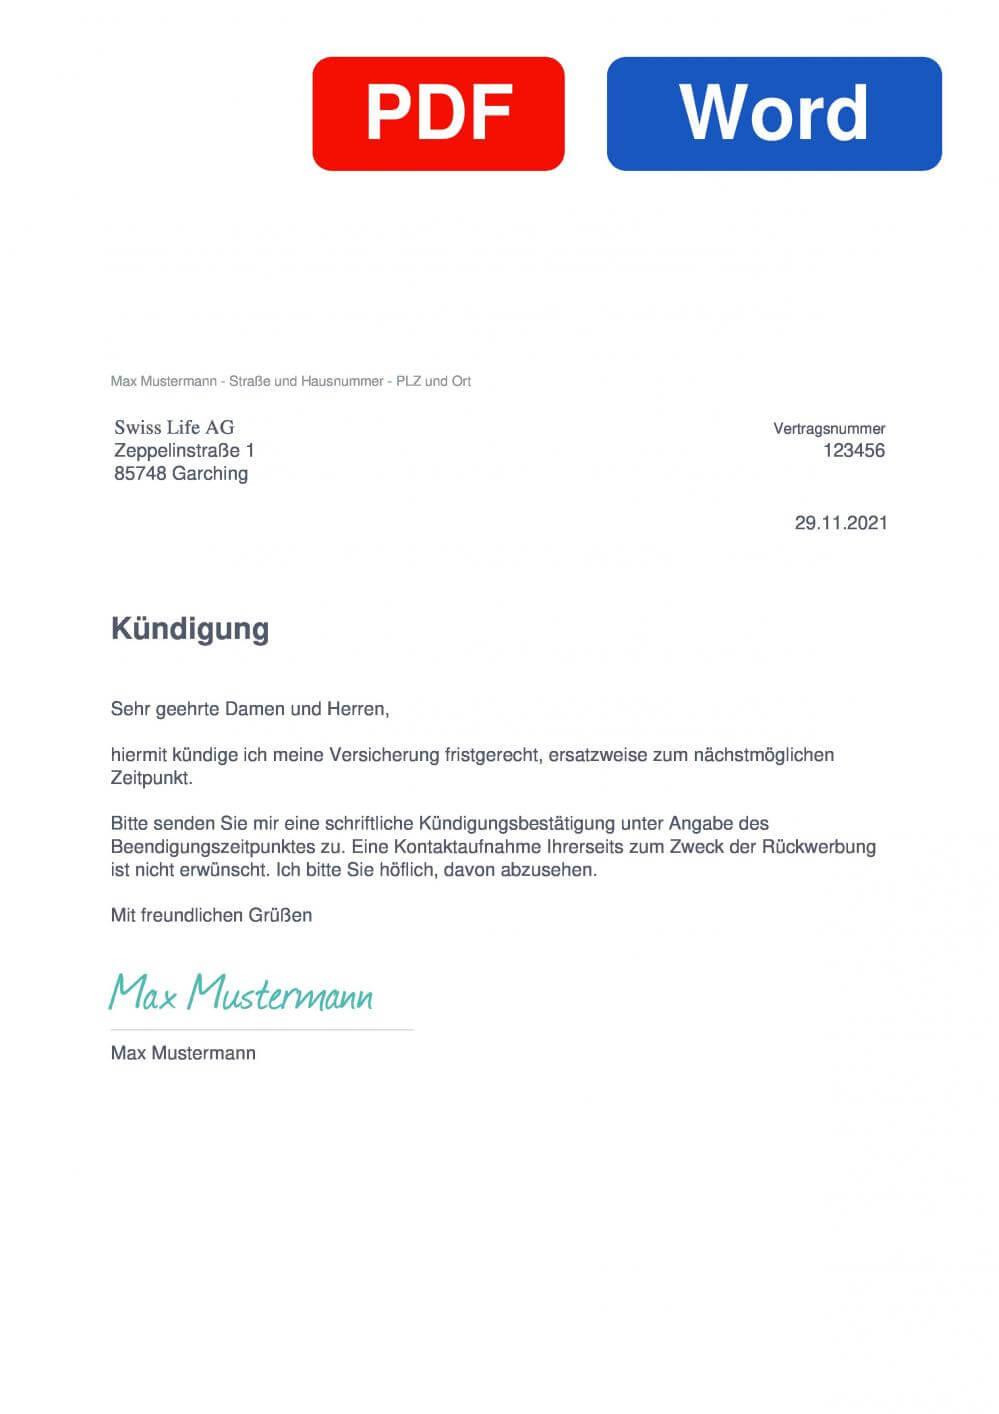 Swiss Life Lebensversicherung Muster Vorlage für Kündigungsschreiben